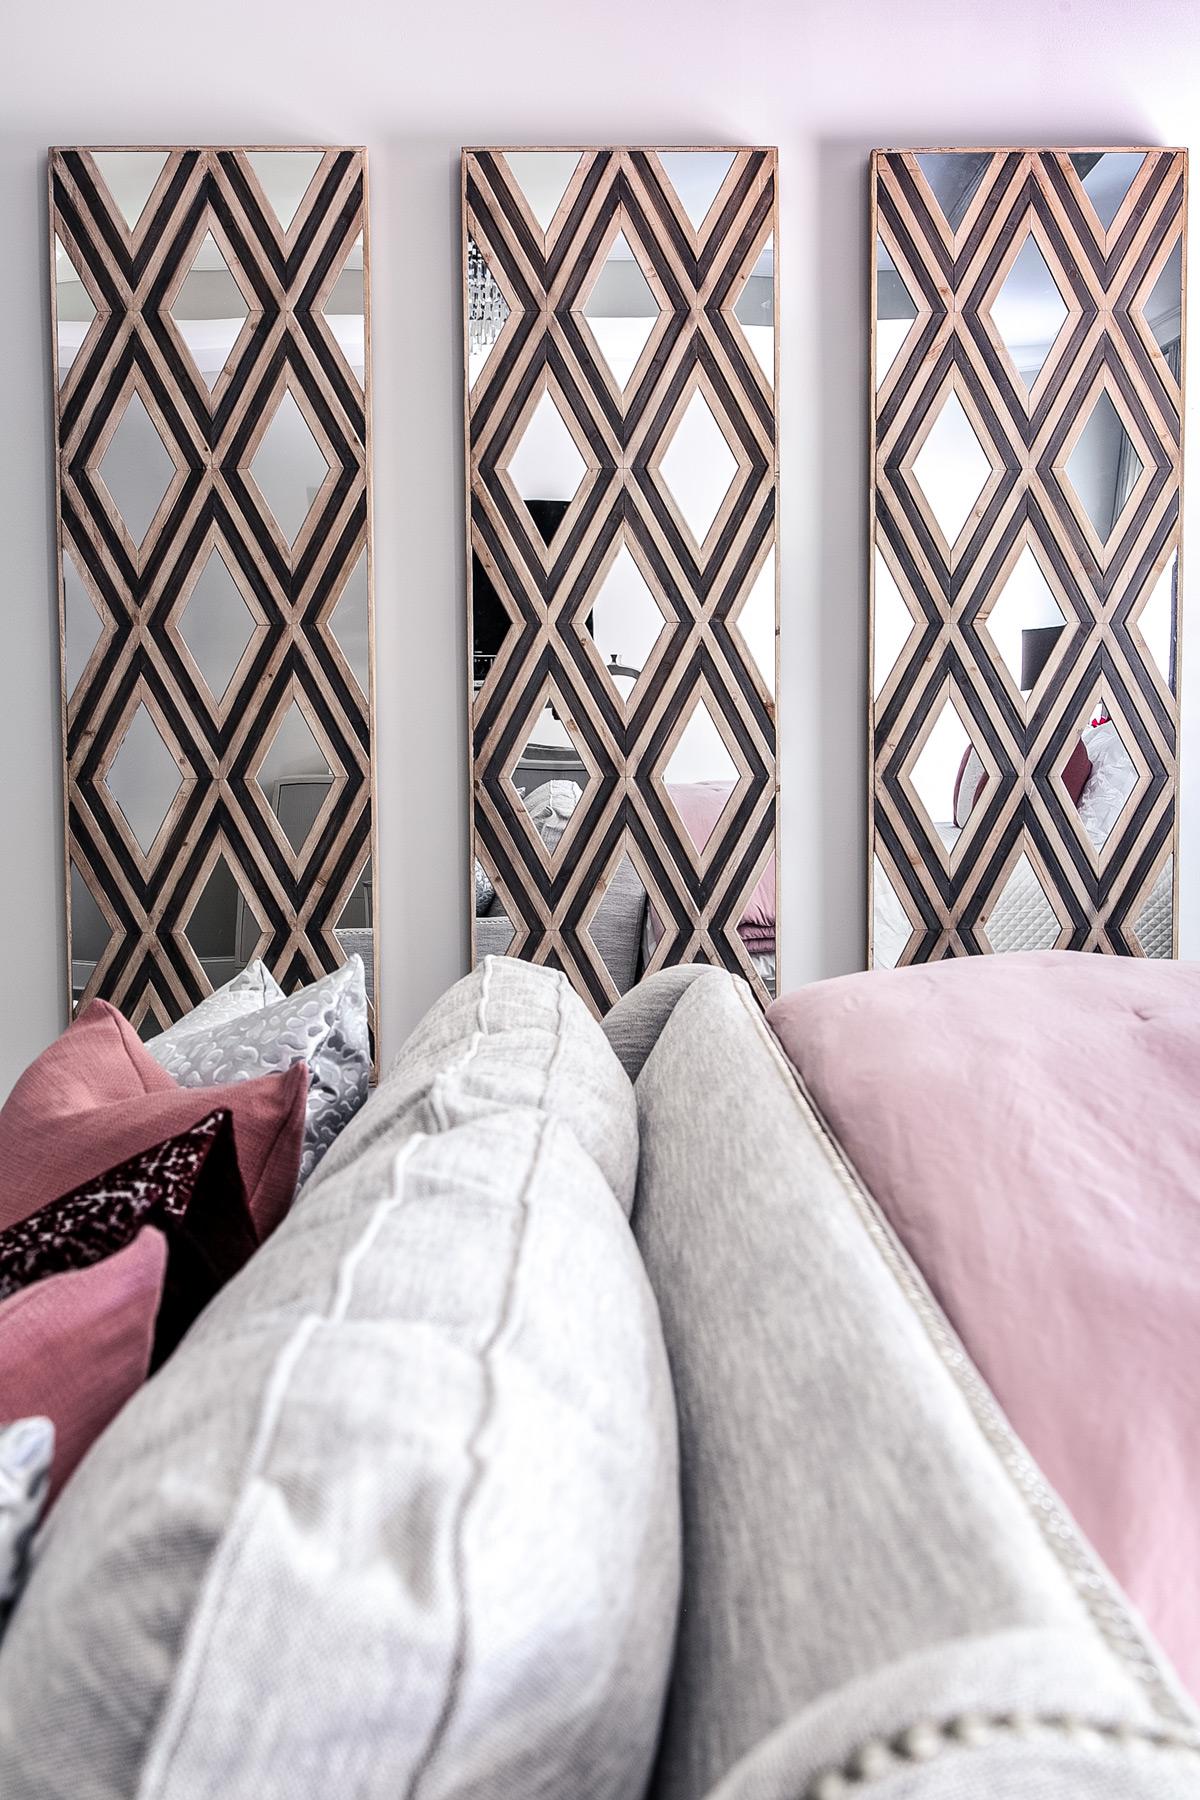 Uttermost Tahira Wall Mirror in master bedroom